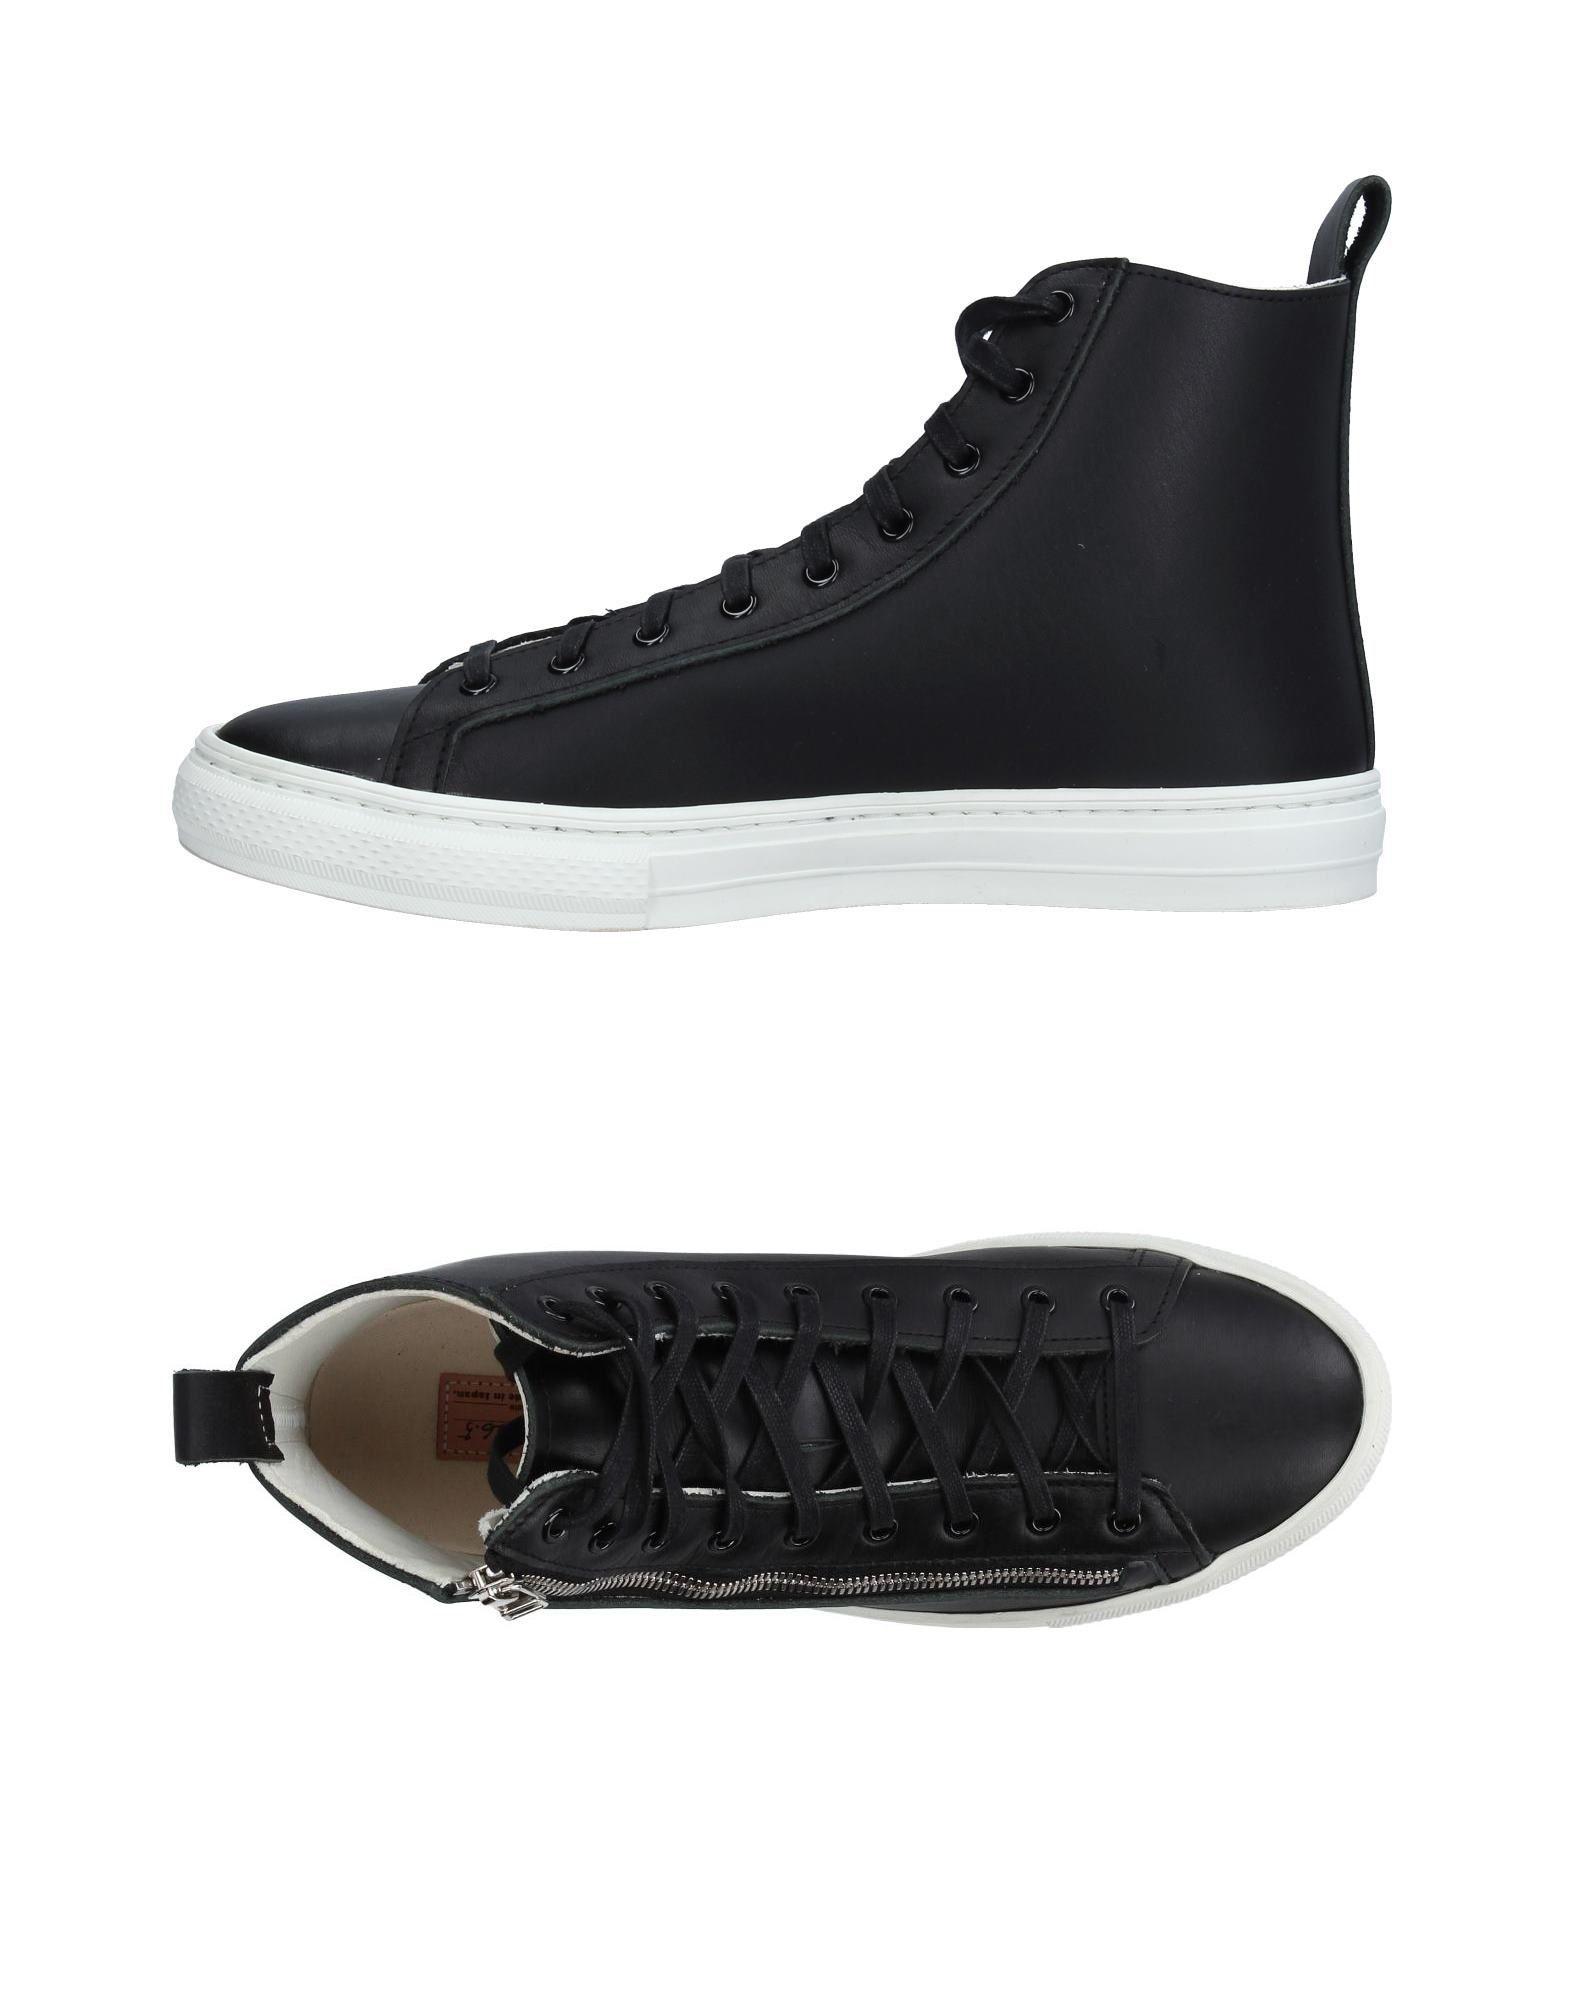 Sneakers Ras Donna - 11226986RL Scarpe economiche e buone